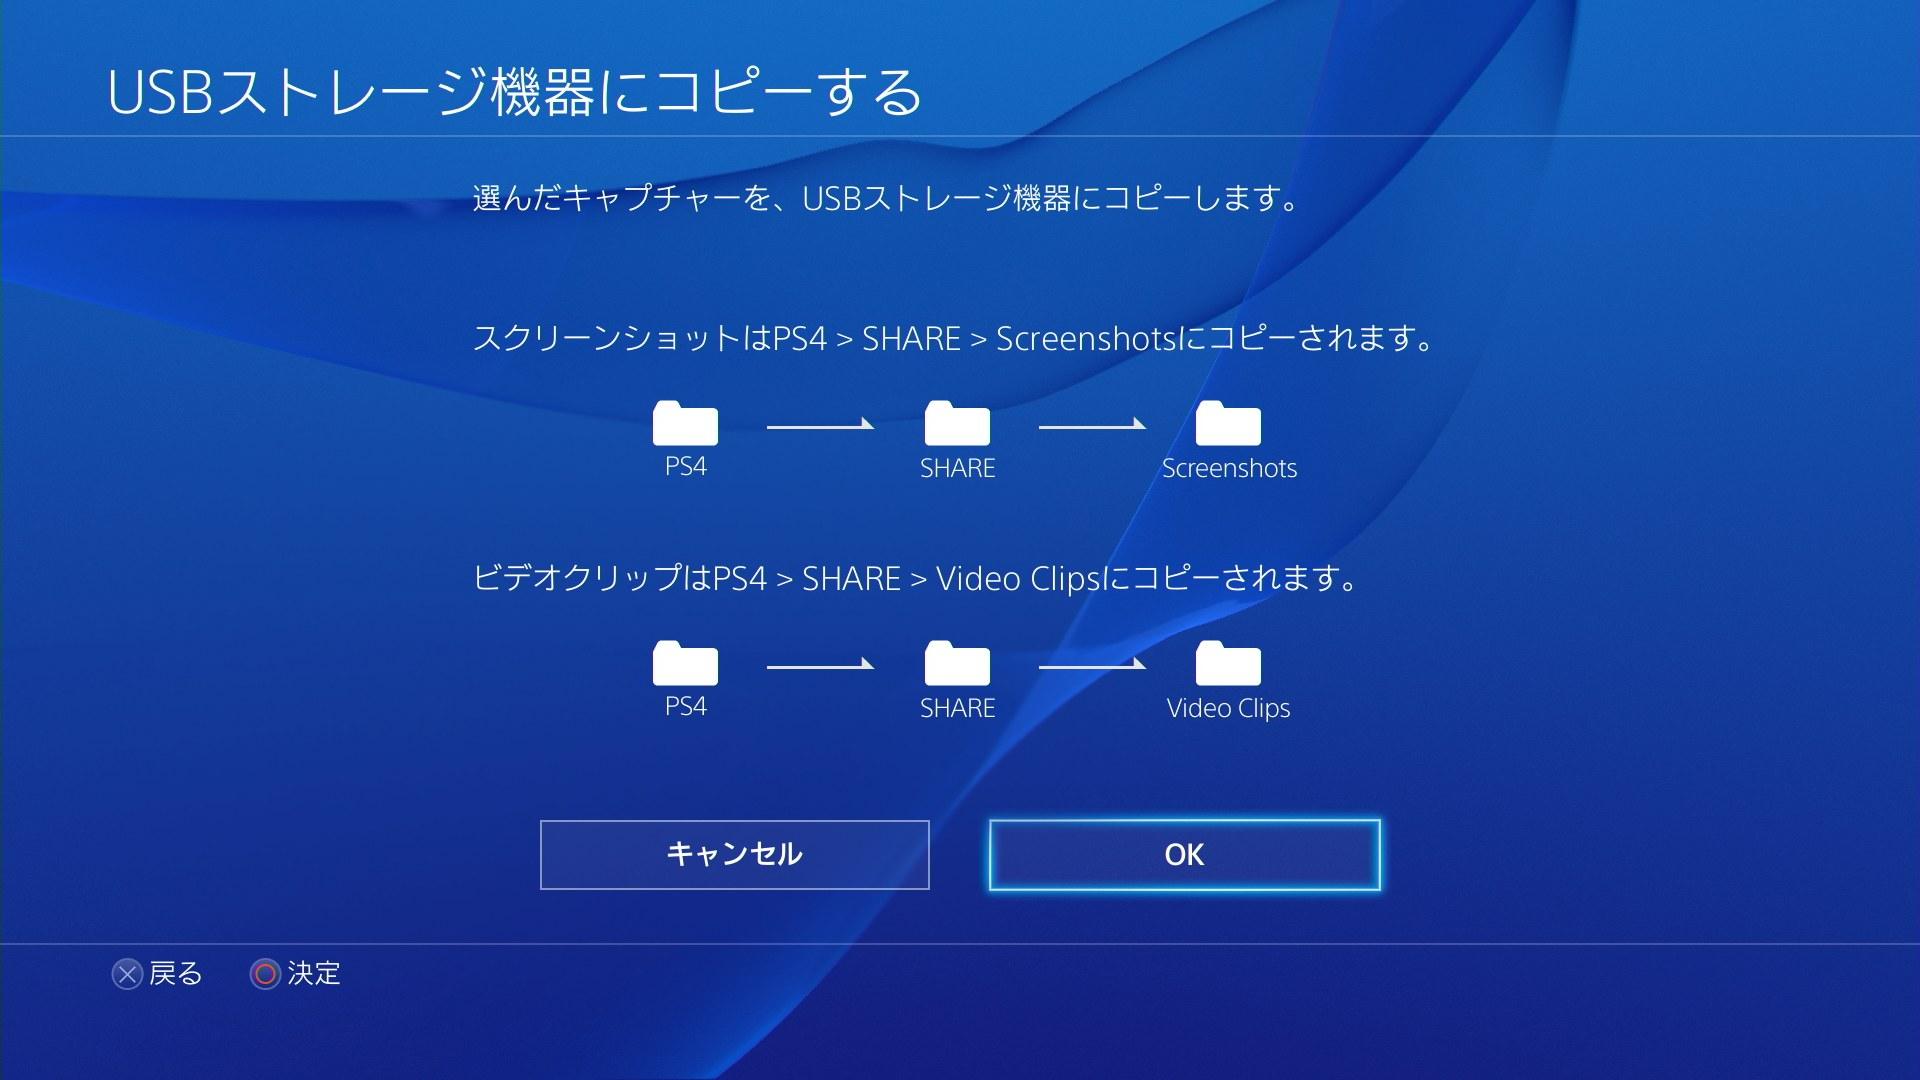 PS4 「エラー CE-34878-0」が発生したので初期化 - ハードウェアネタ